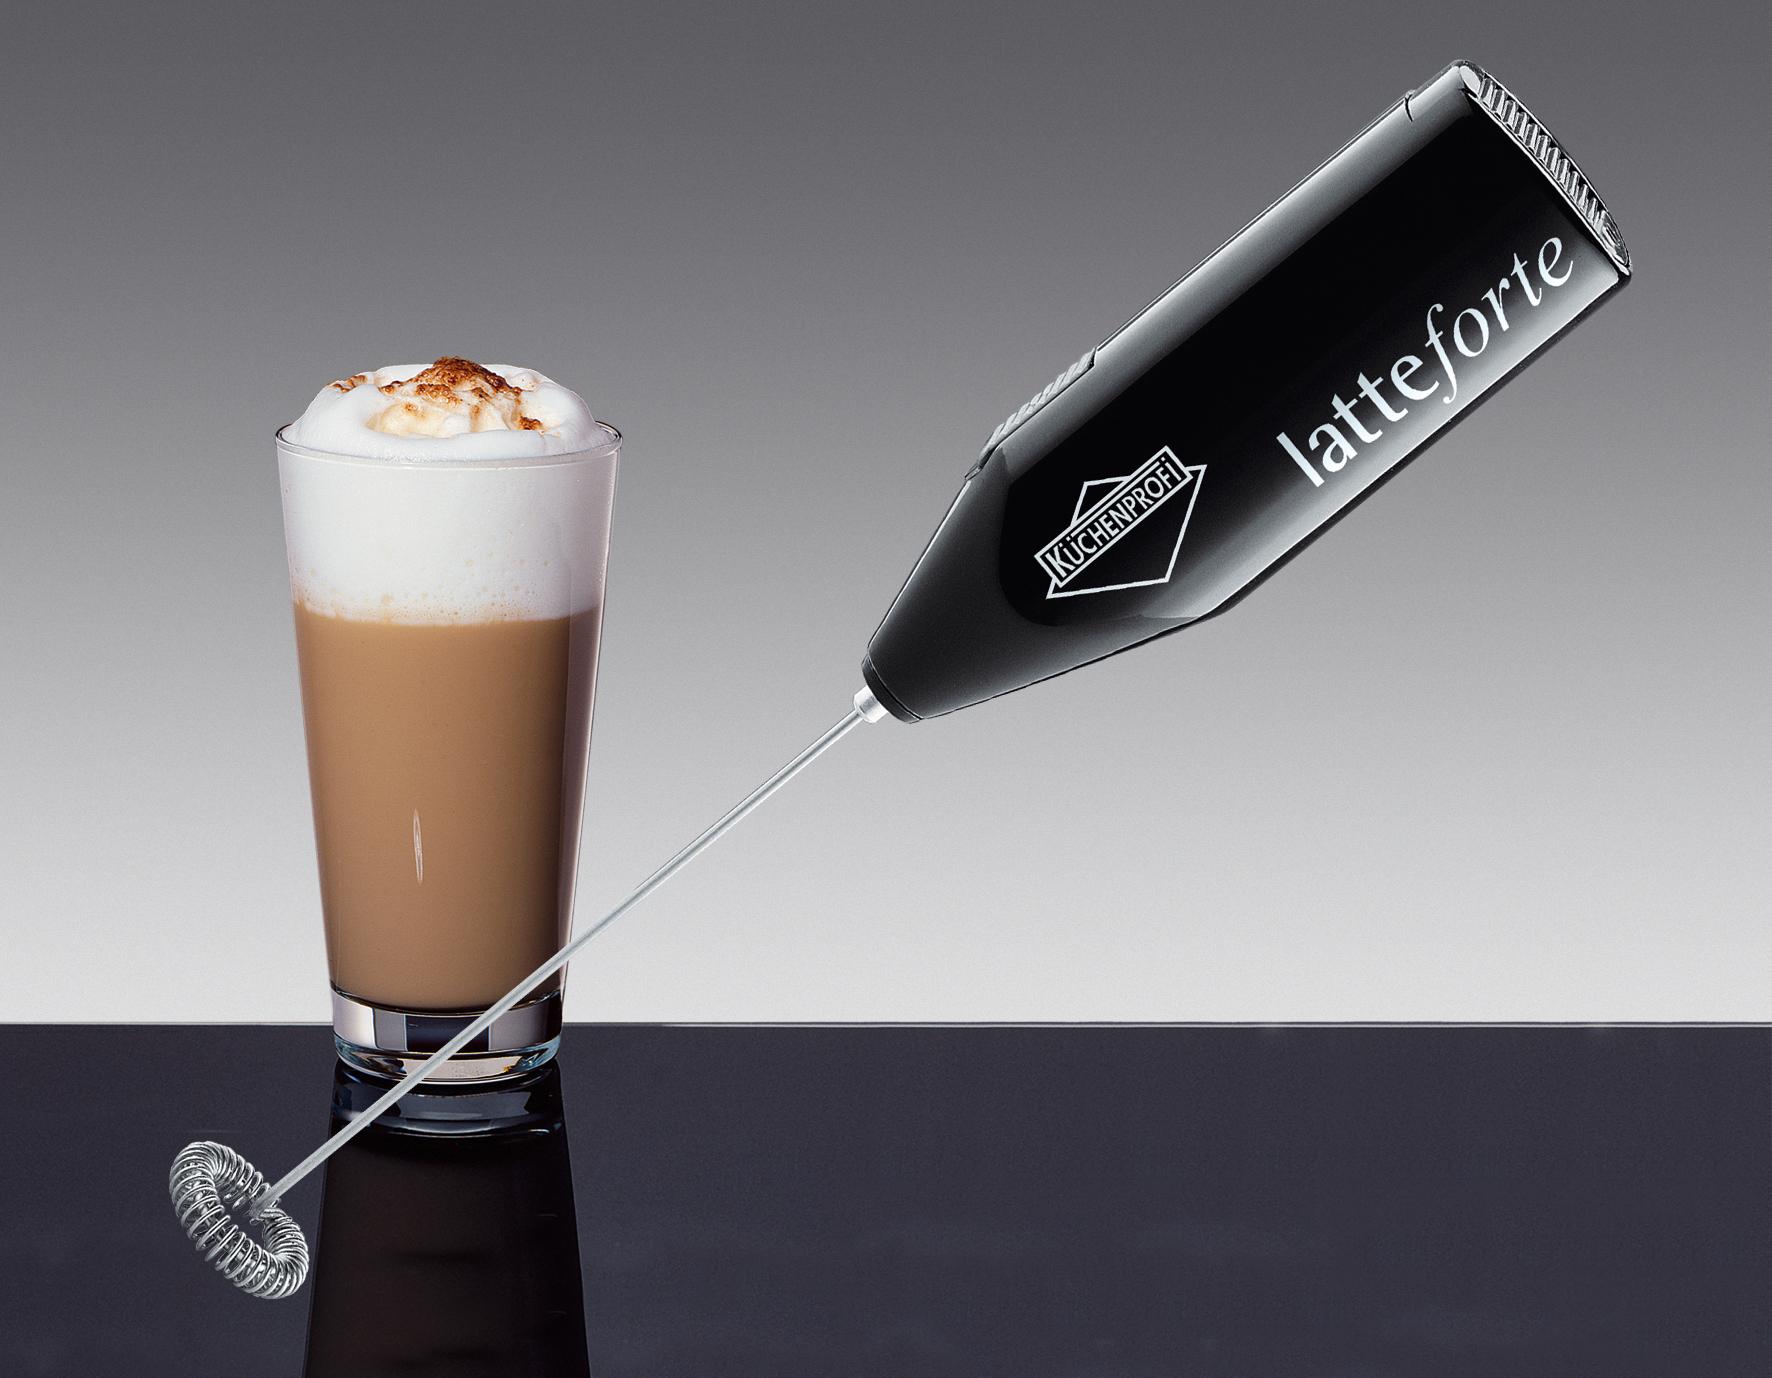 Šlehač mléka Latte forte - Küchenprofi